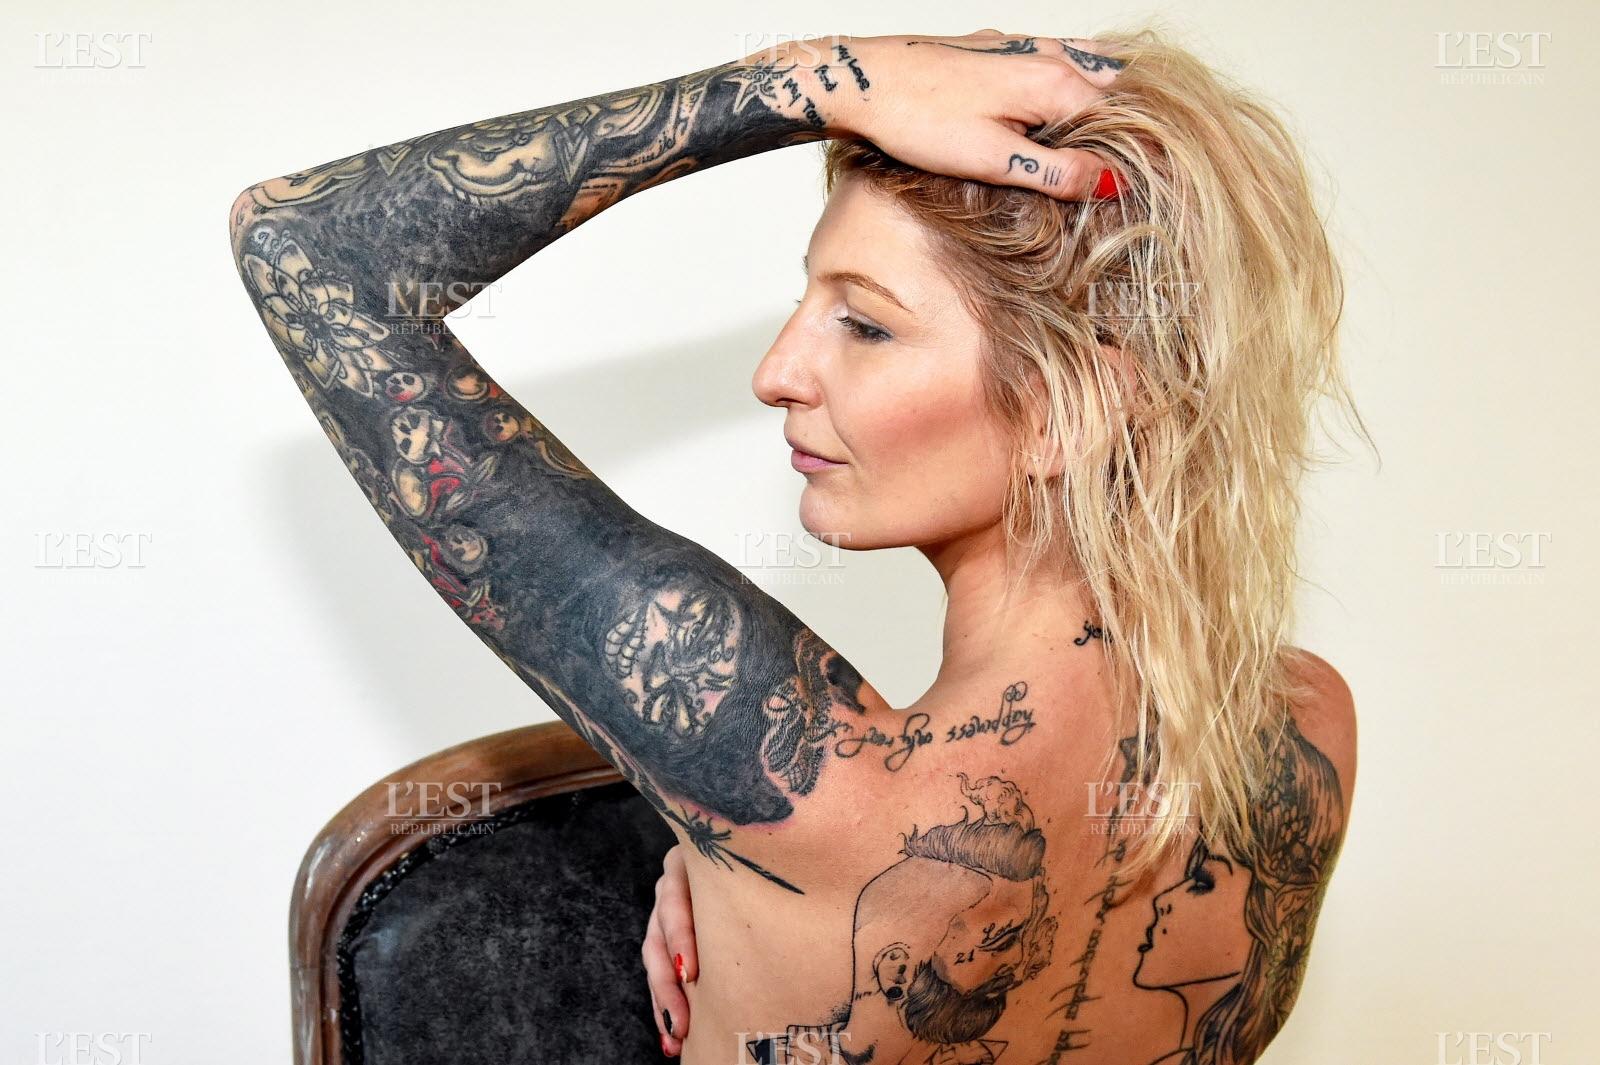 tatouage c'est moche